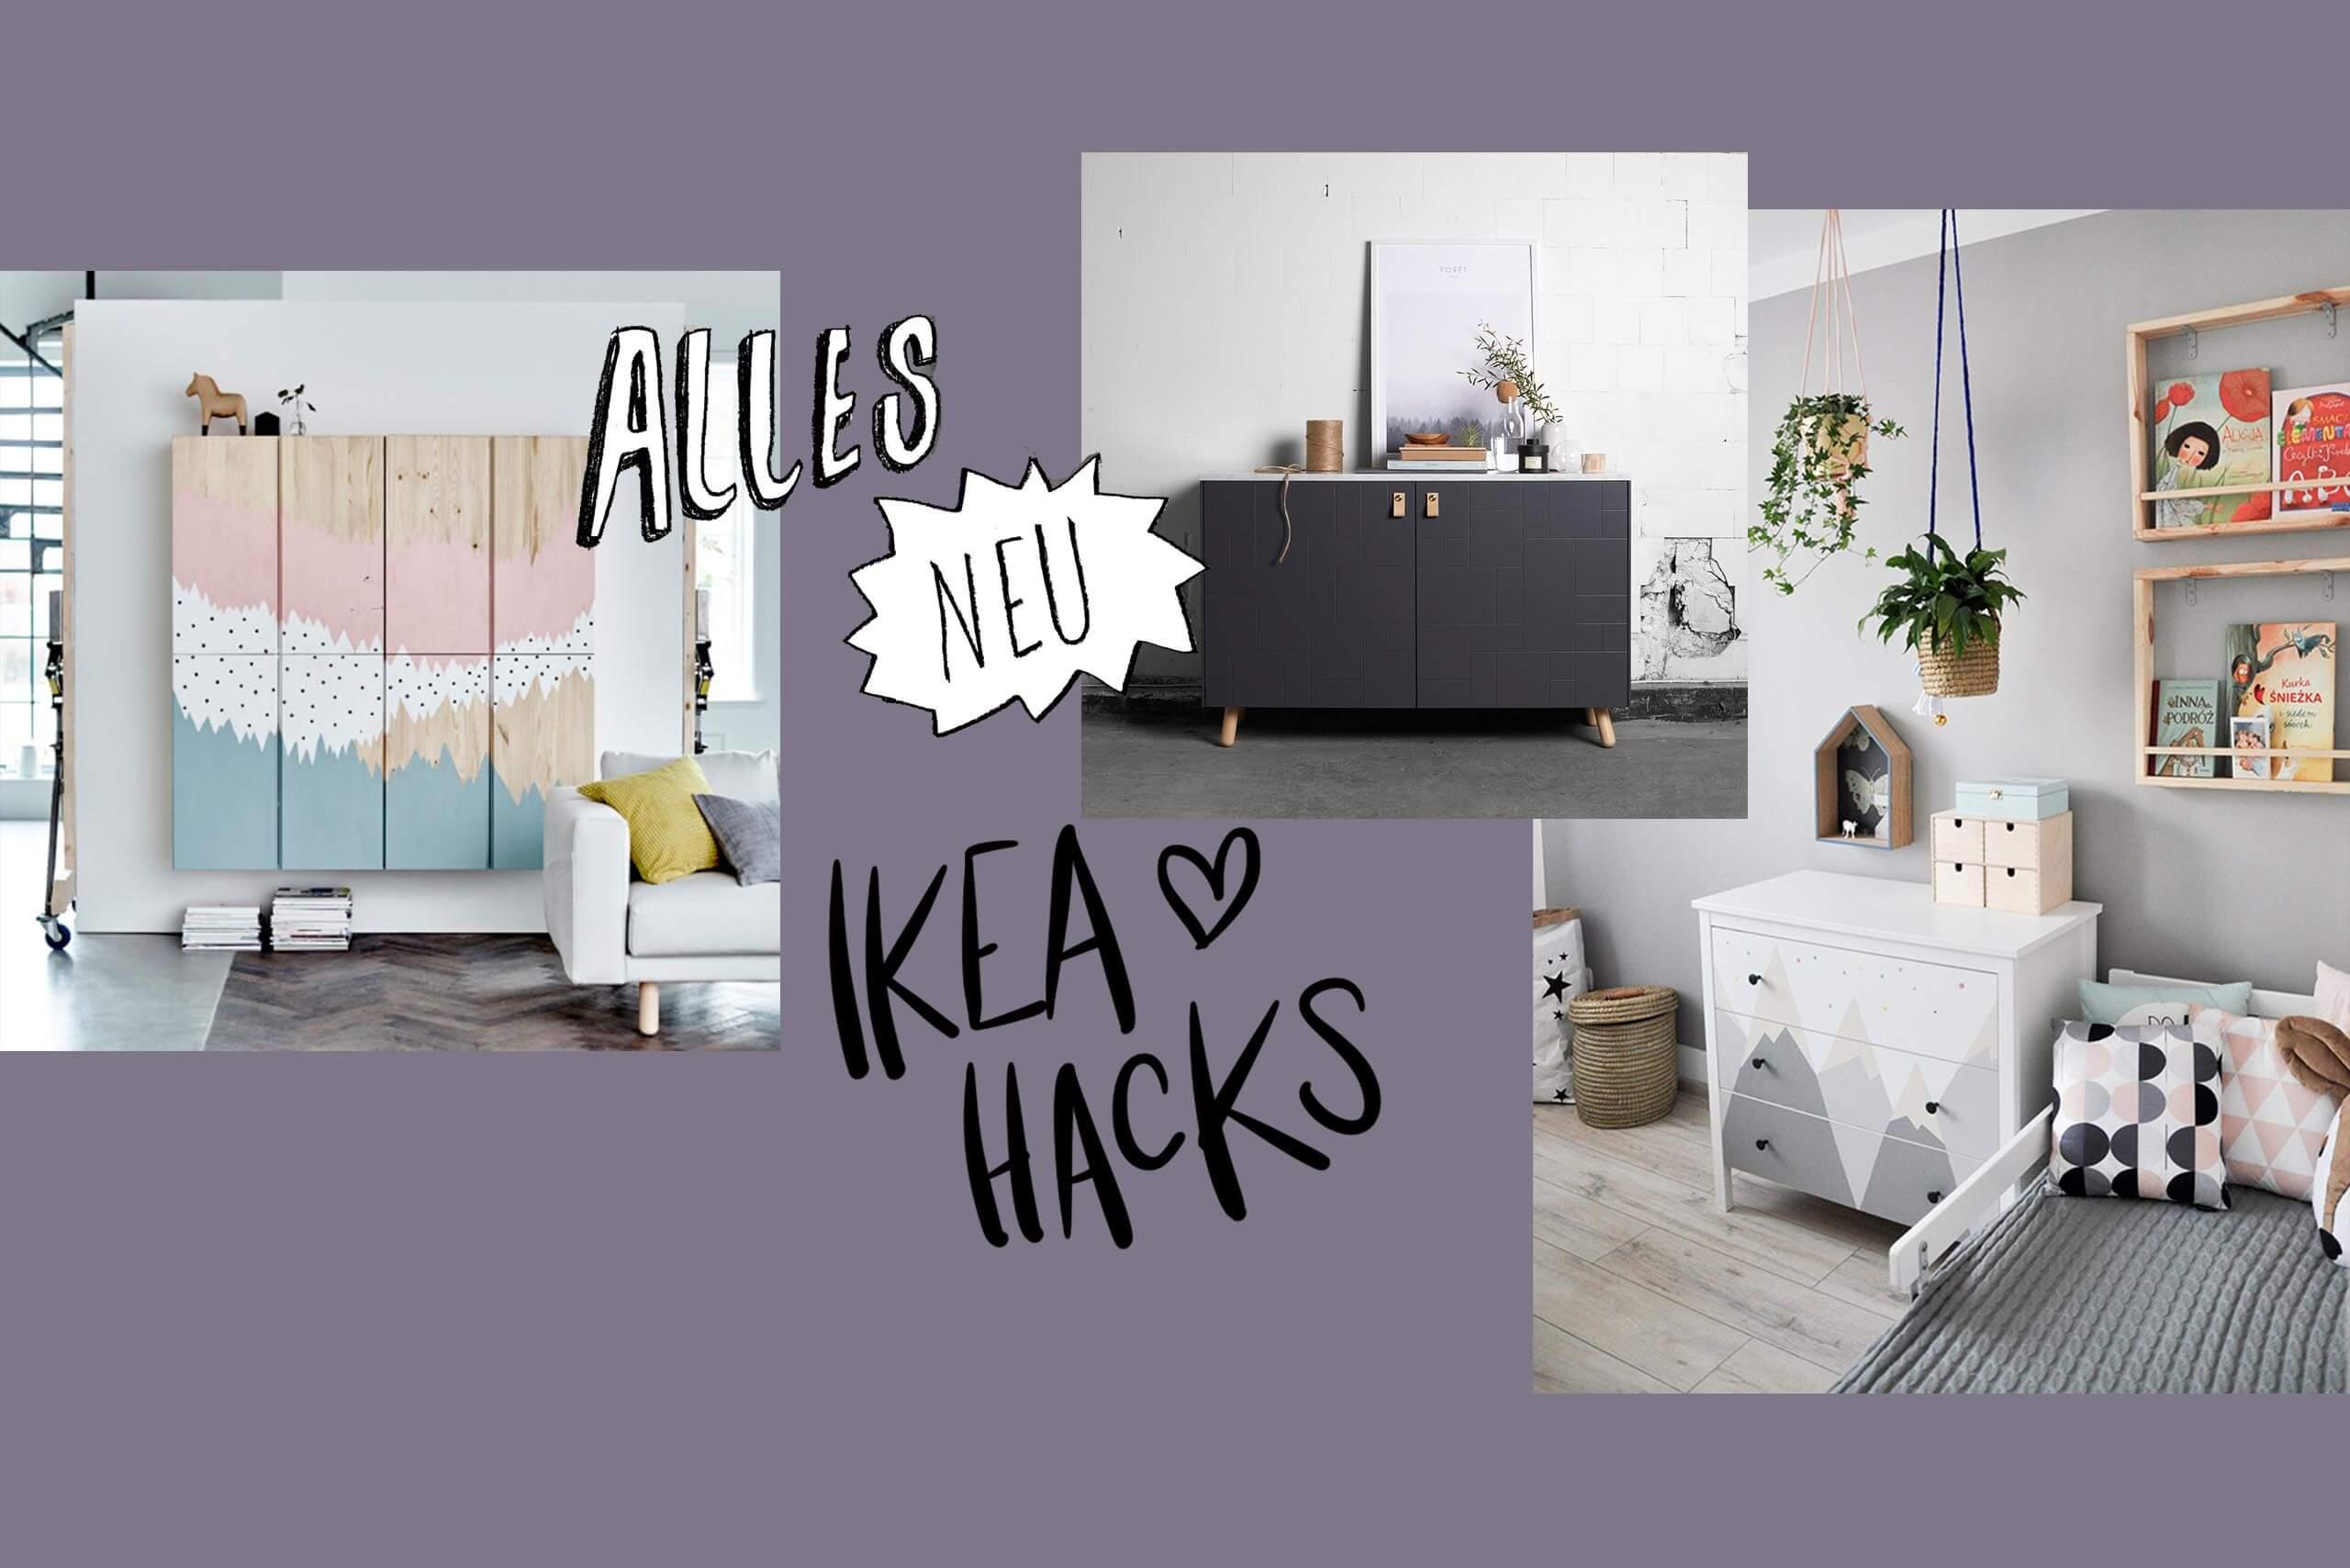 Full Size of Küchenregal Ikea Update 11 Besten Hacks Im Netz Newniq Interior Blog Betten Bei Küche Kosten Kaufen Miniküche 160x200 Modulküche Sofa Mit Schlaffunktion Wohnzimmer Küchenregal Ikea